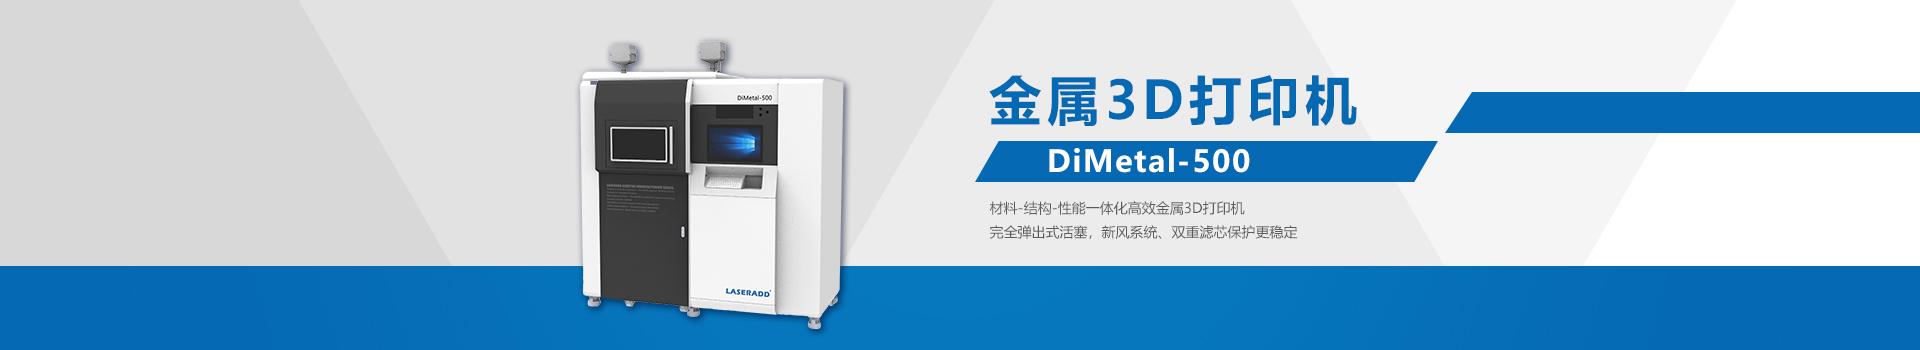 DiMetal-500 金属3D打印机